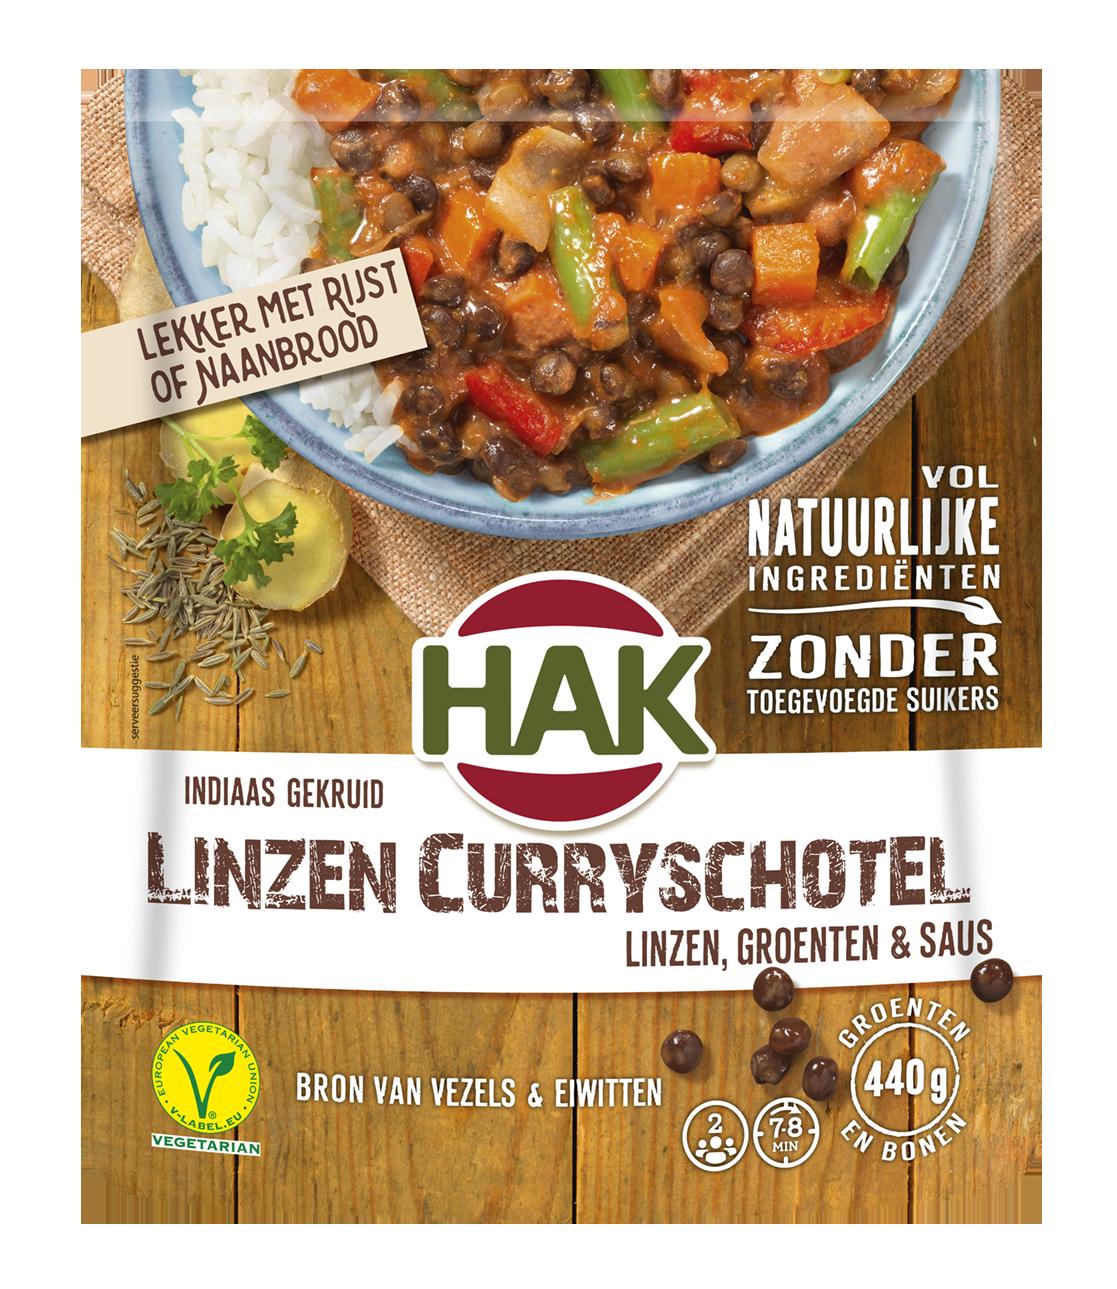 HAK-Linzencurry-schotel-550gr-NL-8720600616341-1809058-04_01-lrs